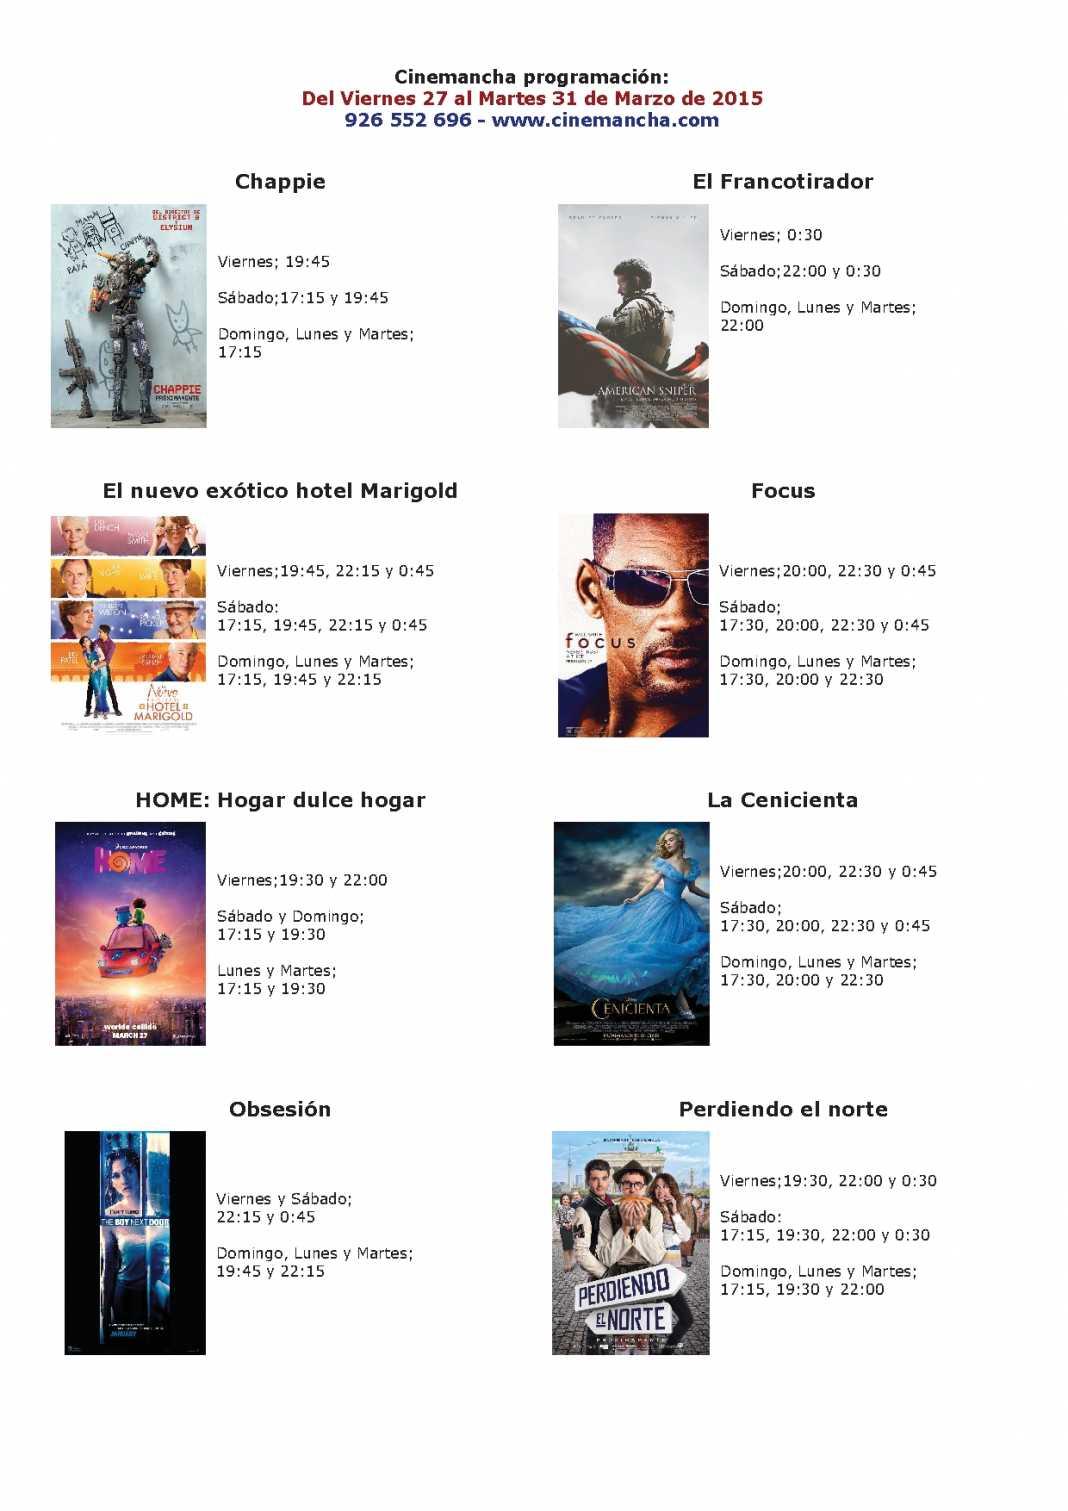 Cartelera de Cinemancha del viernes 27 al martes 31 de marzo 1